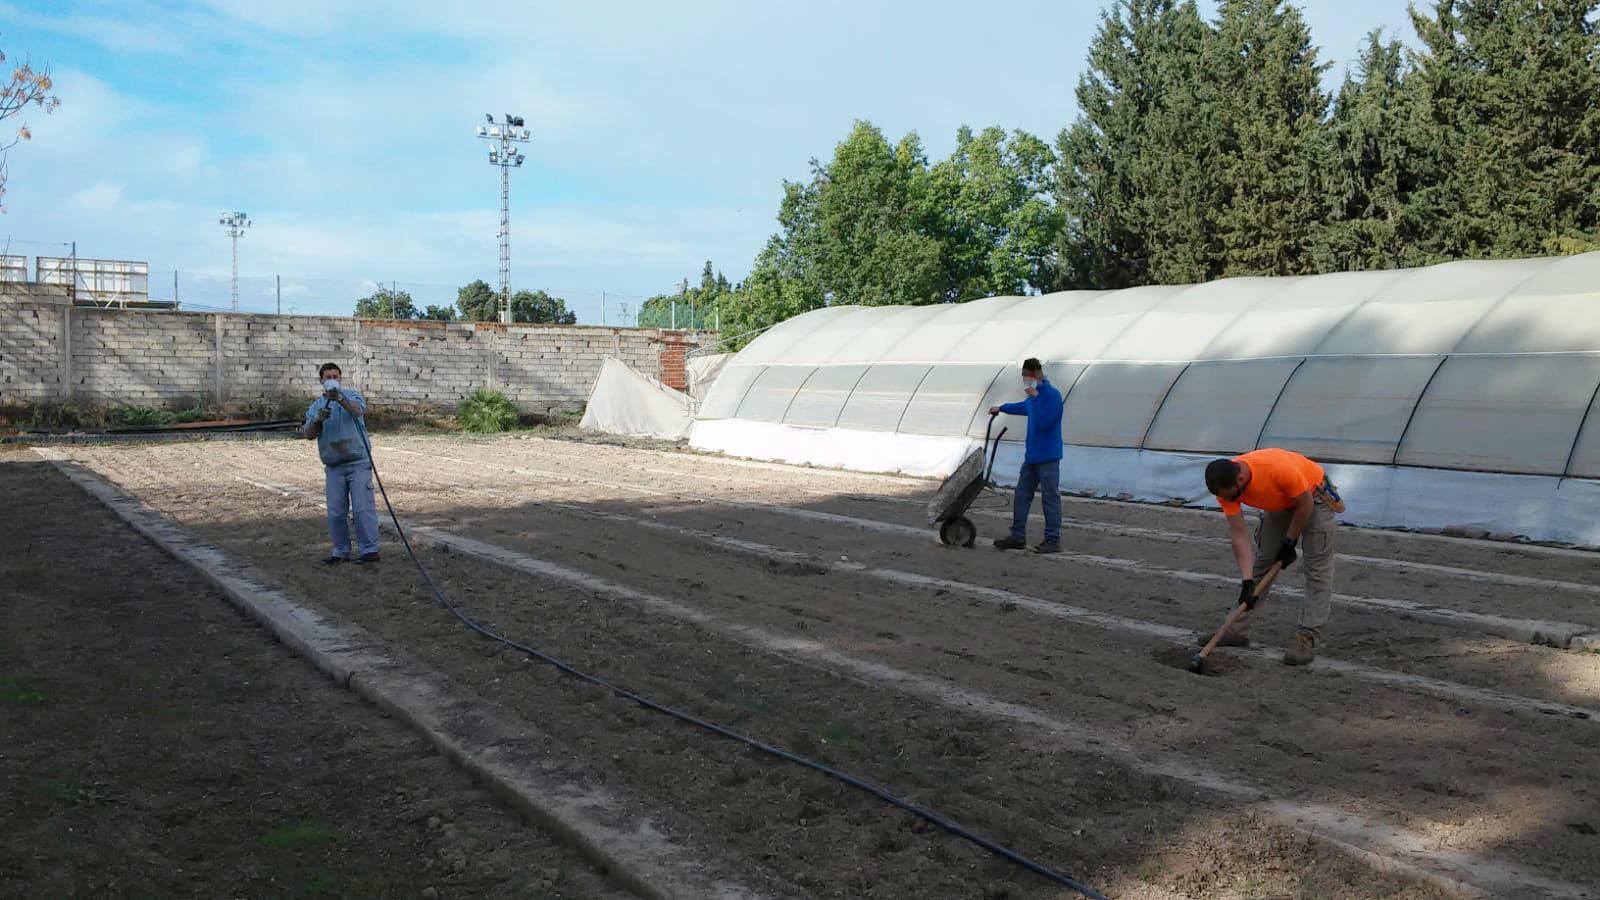 Hace unos meses se recogieron miles de semillas de distintas especies que llenan los jardines de Murcia. Imagen: Ayto. de Murcia